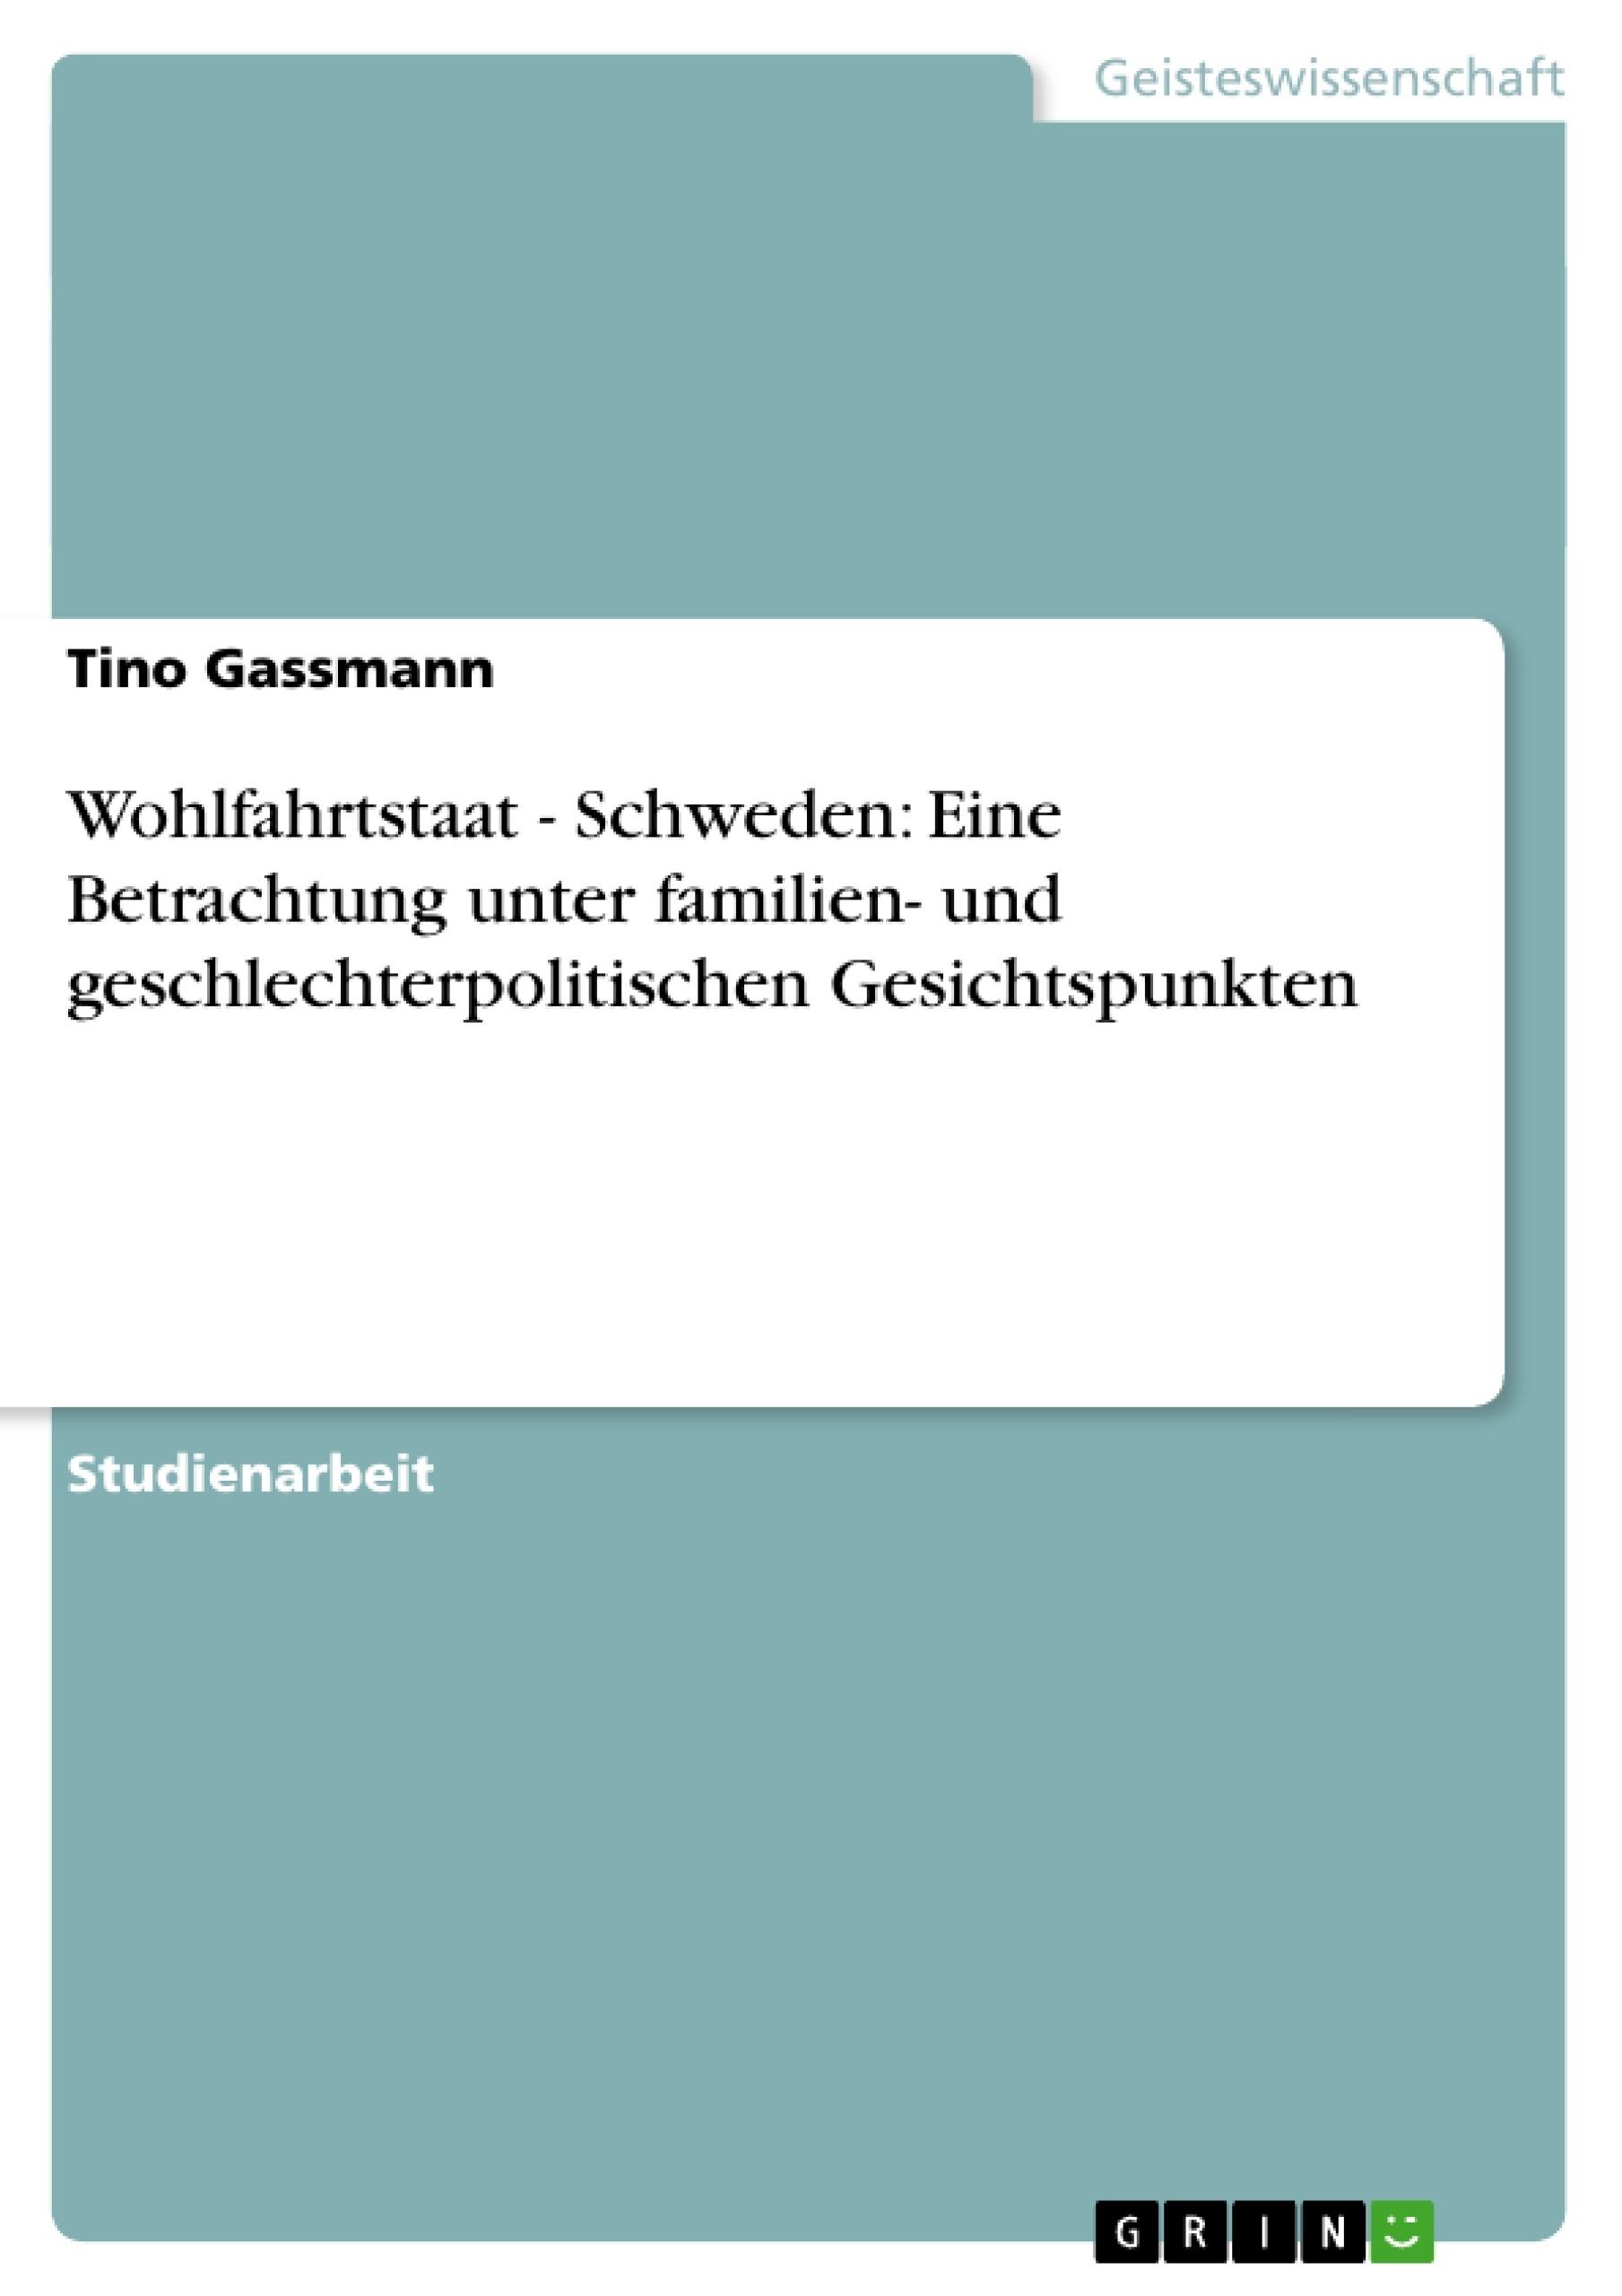 Titel: Wohlfahrtstaat - Schweden: Eine Betrachtung unter familien- und geschlechterpolitischen Gesichtspunkten